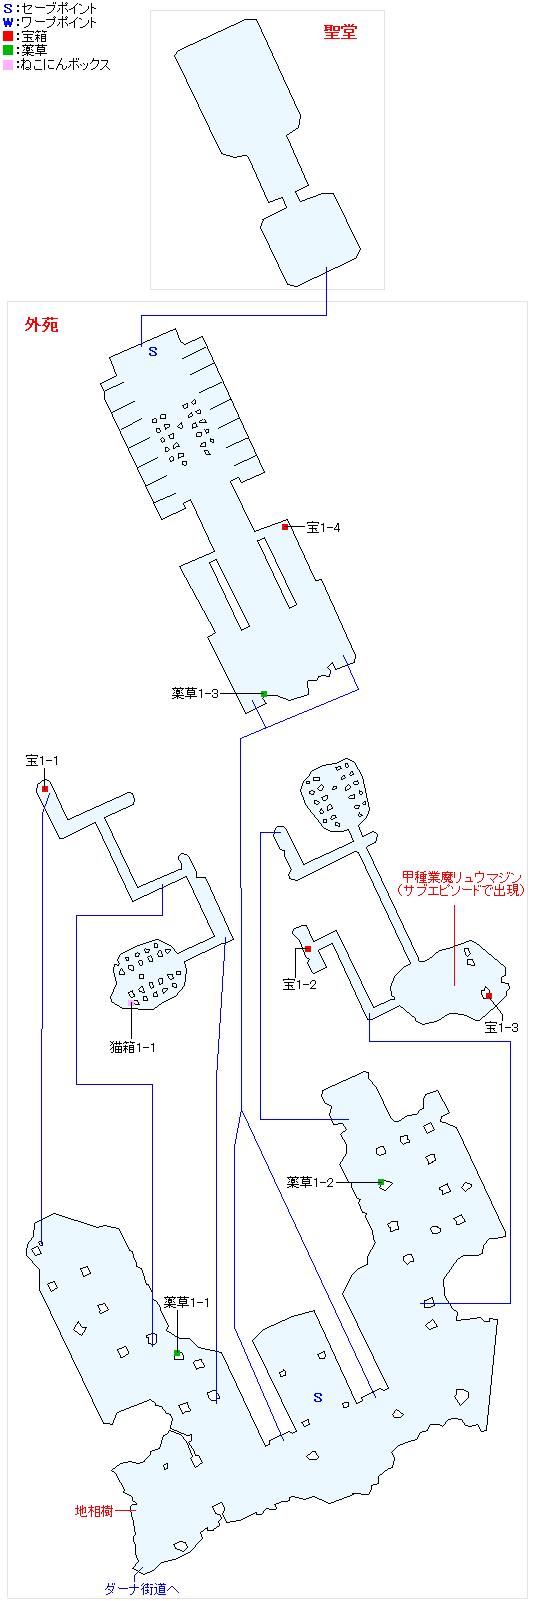 聖主の御座マップ